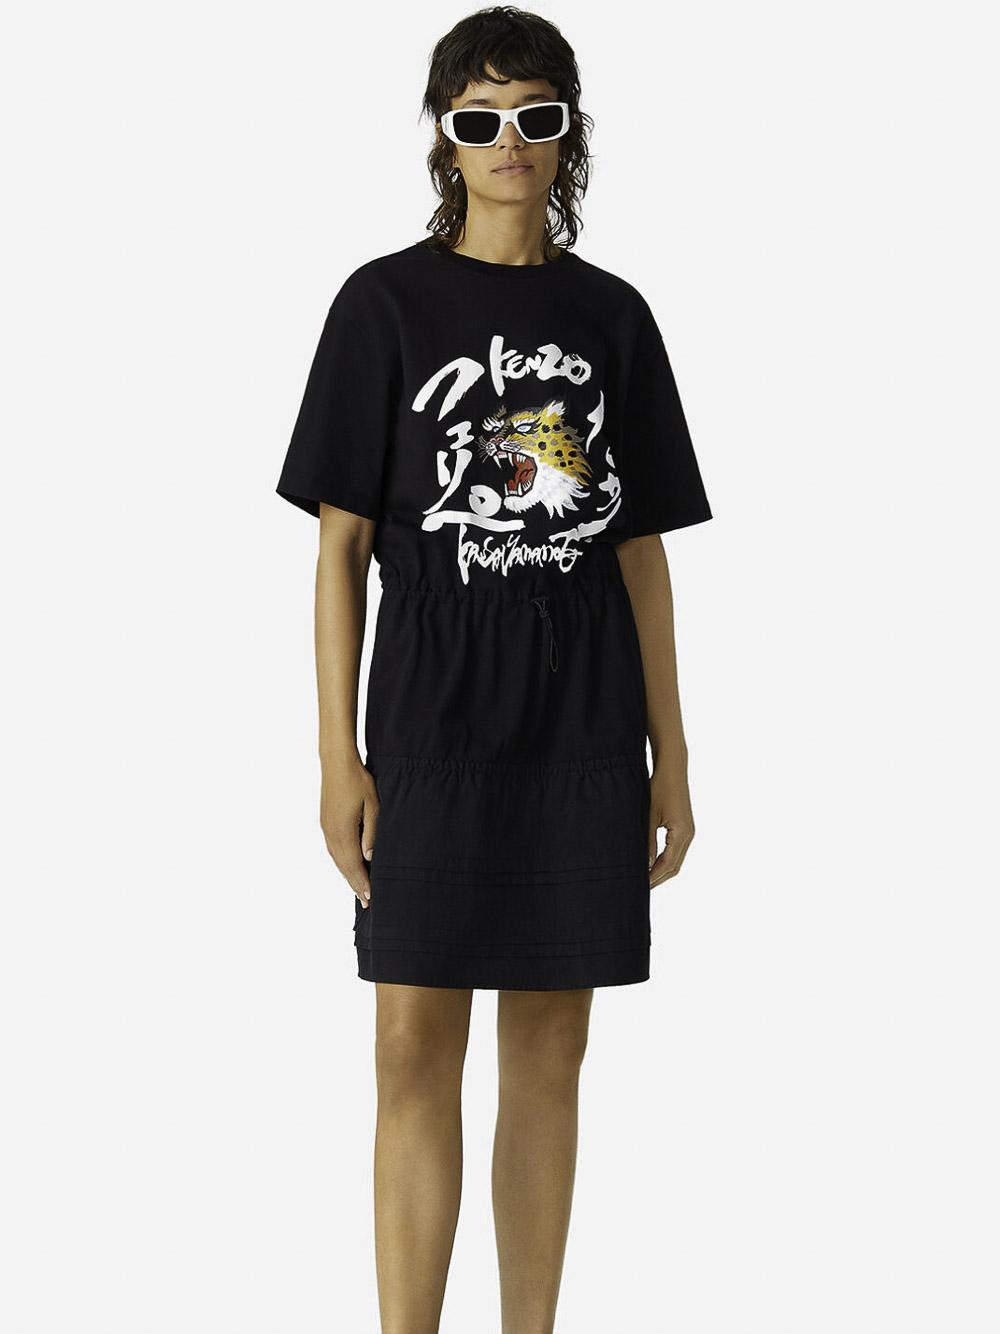 KENZO Φόρεμα κοντό 2RO7784SK-99 ΜΑΥΡΟ